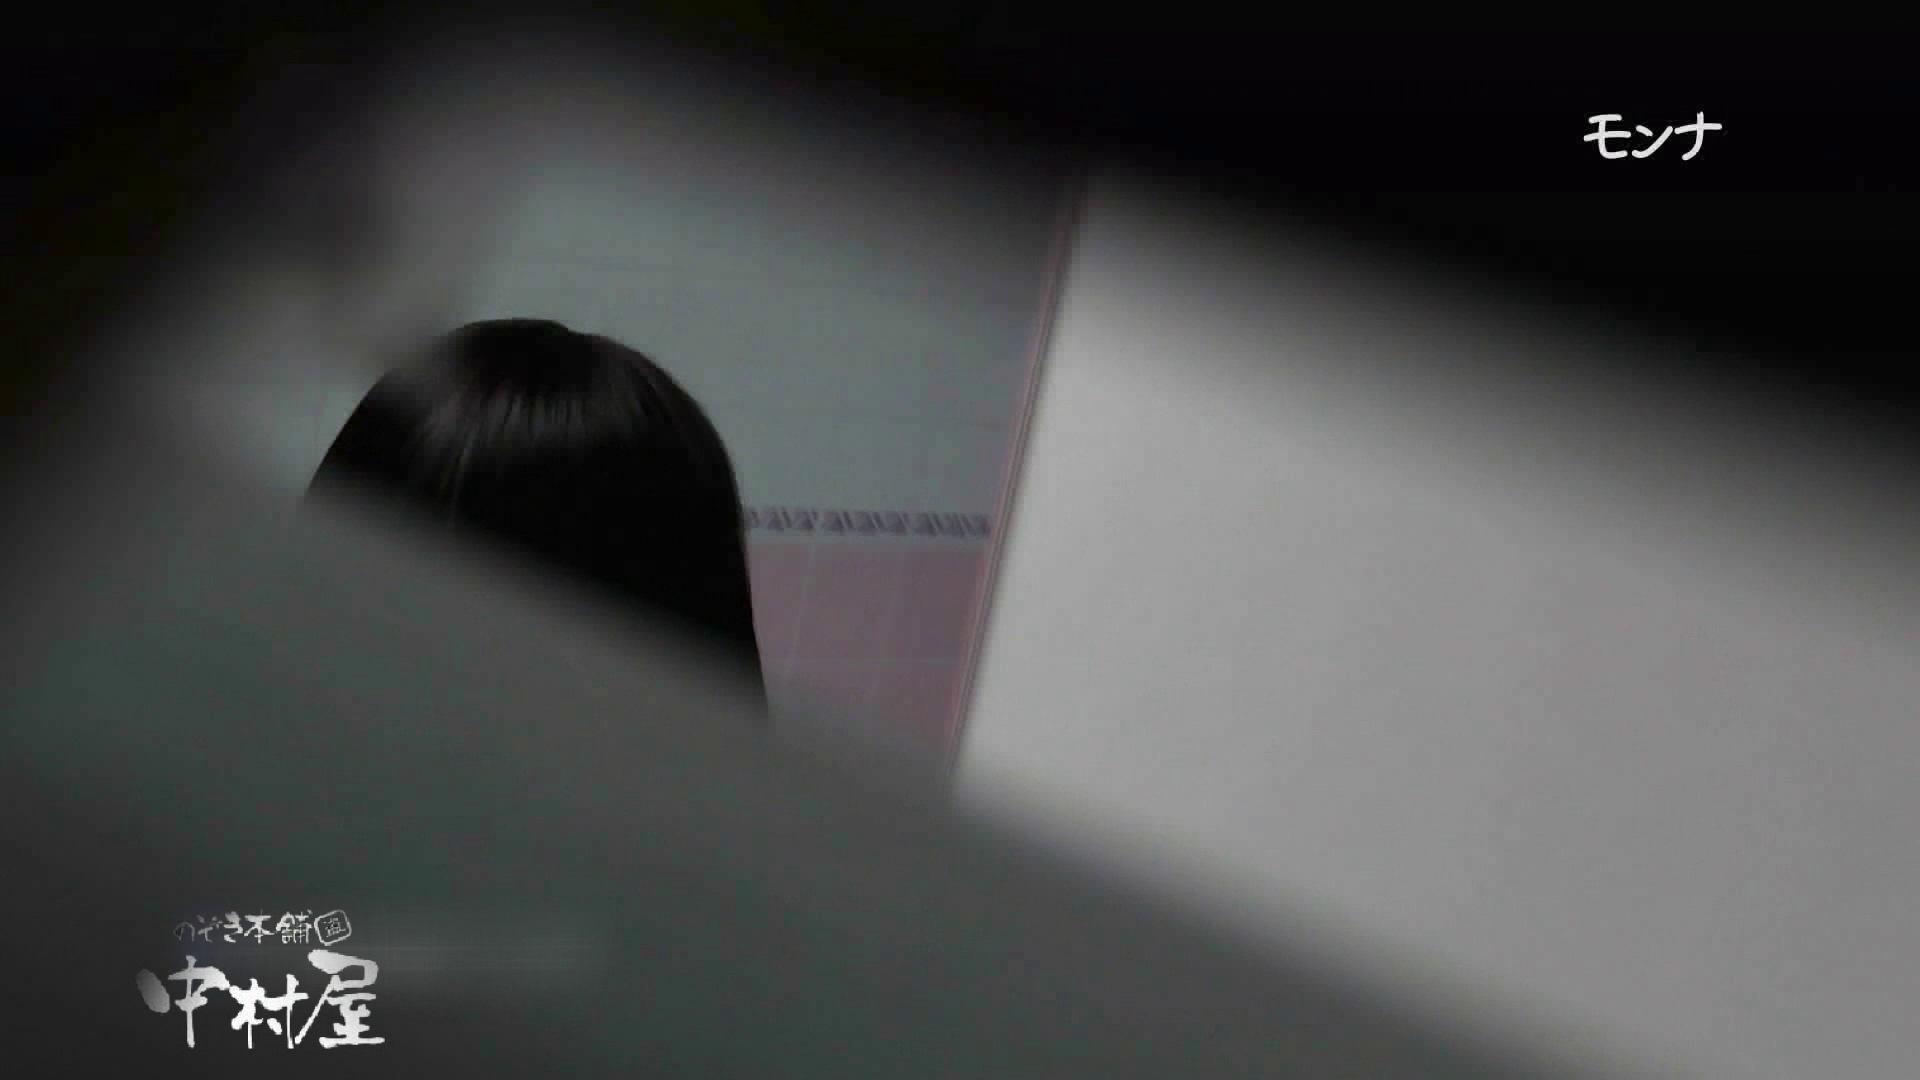 【美しい日本の未来】遂に!!戸田恵梨香似の予告モデル登場ダッシュで「大」後編 おまんこ見放題  101PIX 58